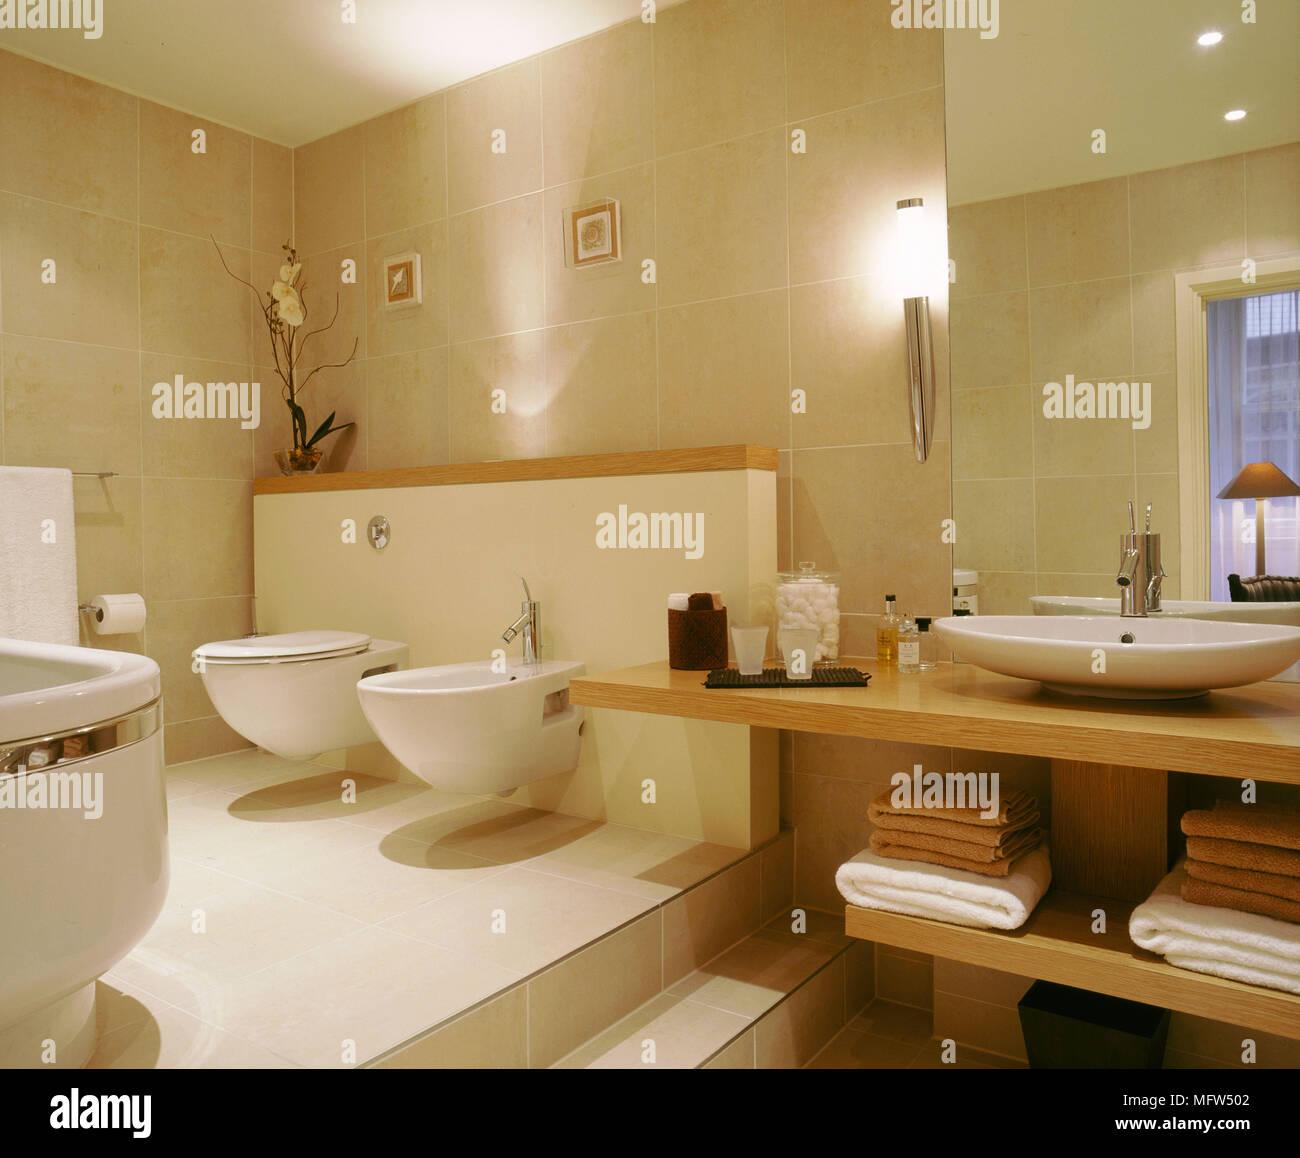 Neutro moderno bagno wc bidet lavandino su legno unità di ...